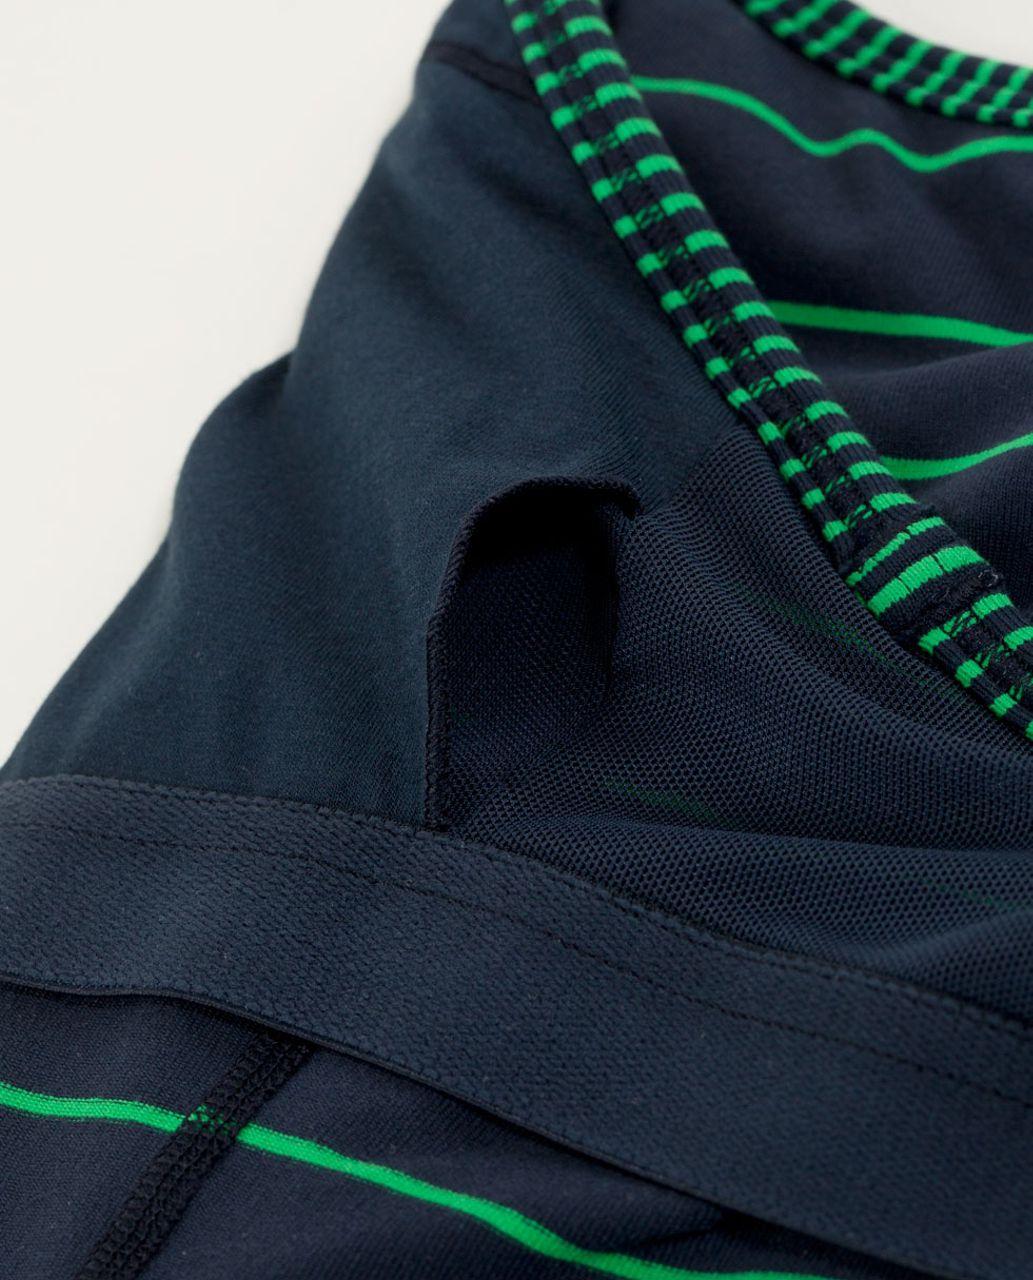 Lululemon Power Y Tank *Luon Light - Slalom Stripe Inkwell / Hyper Stripe Green Bean / Inkwell